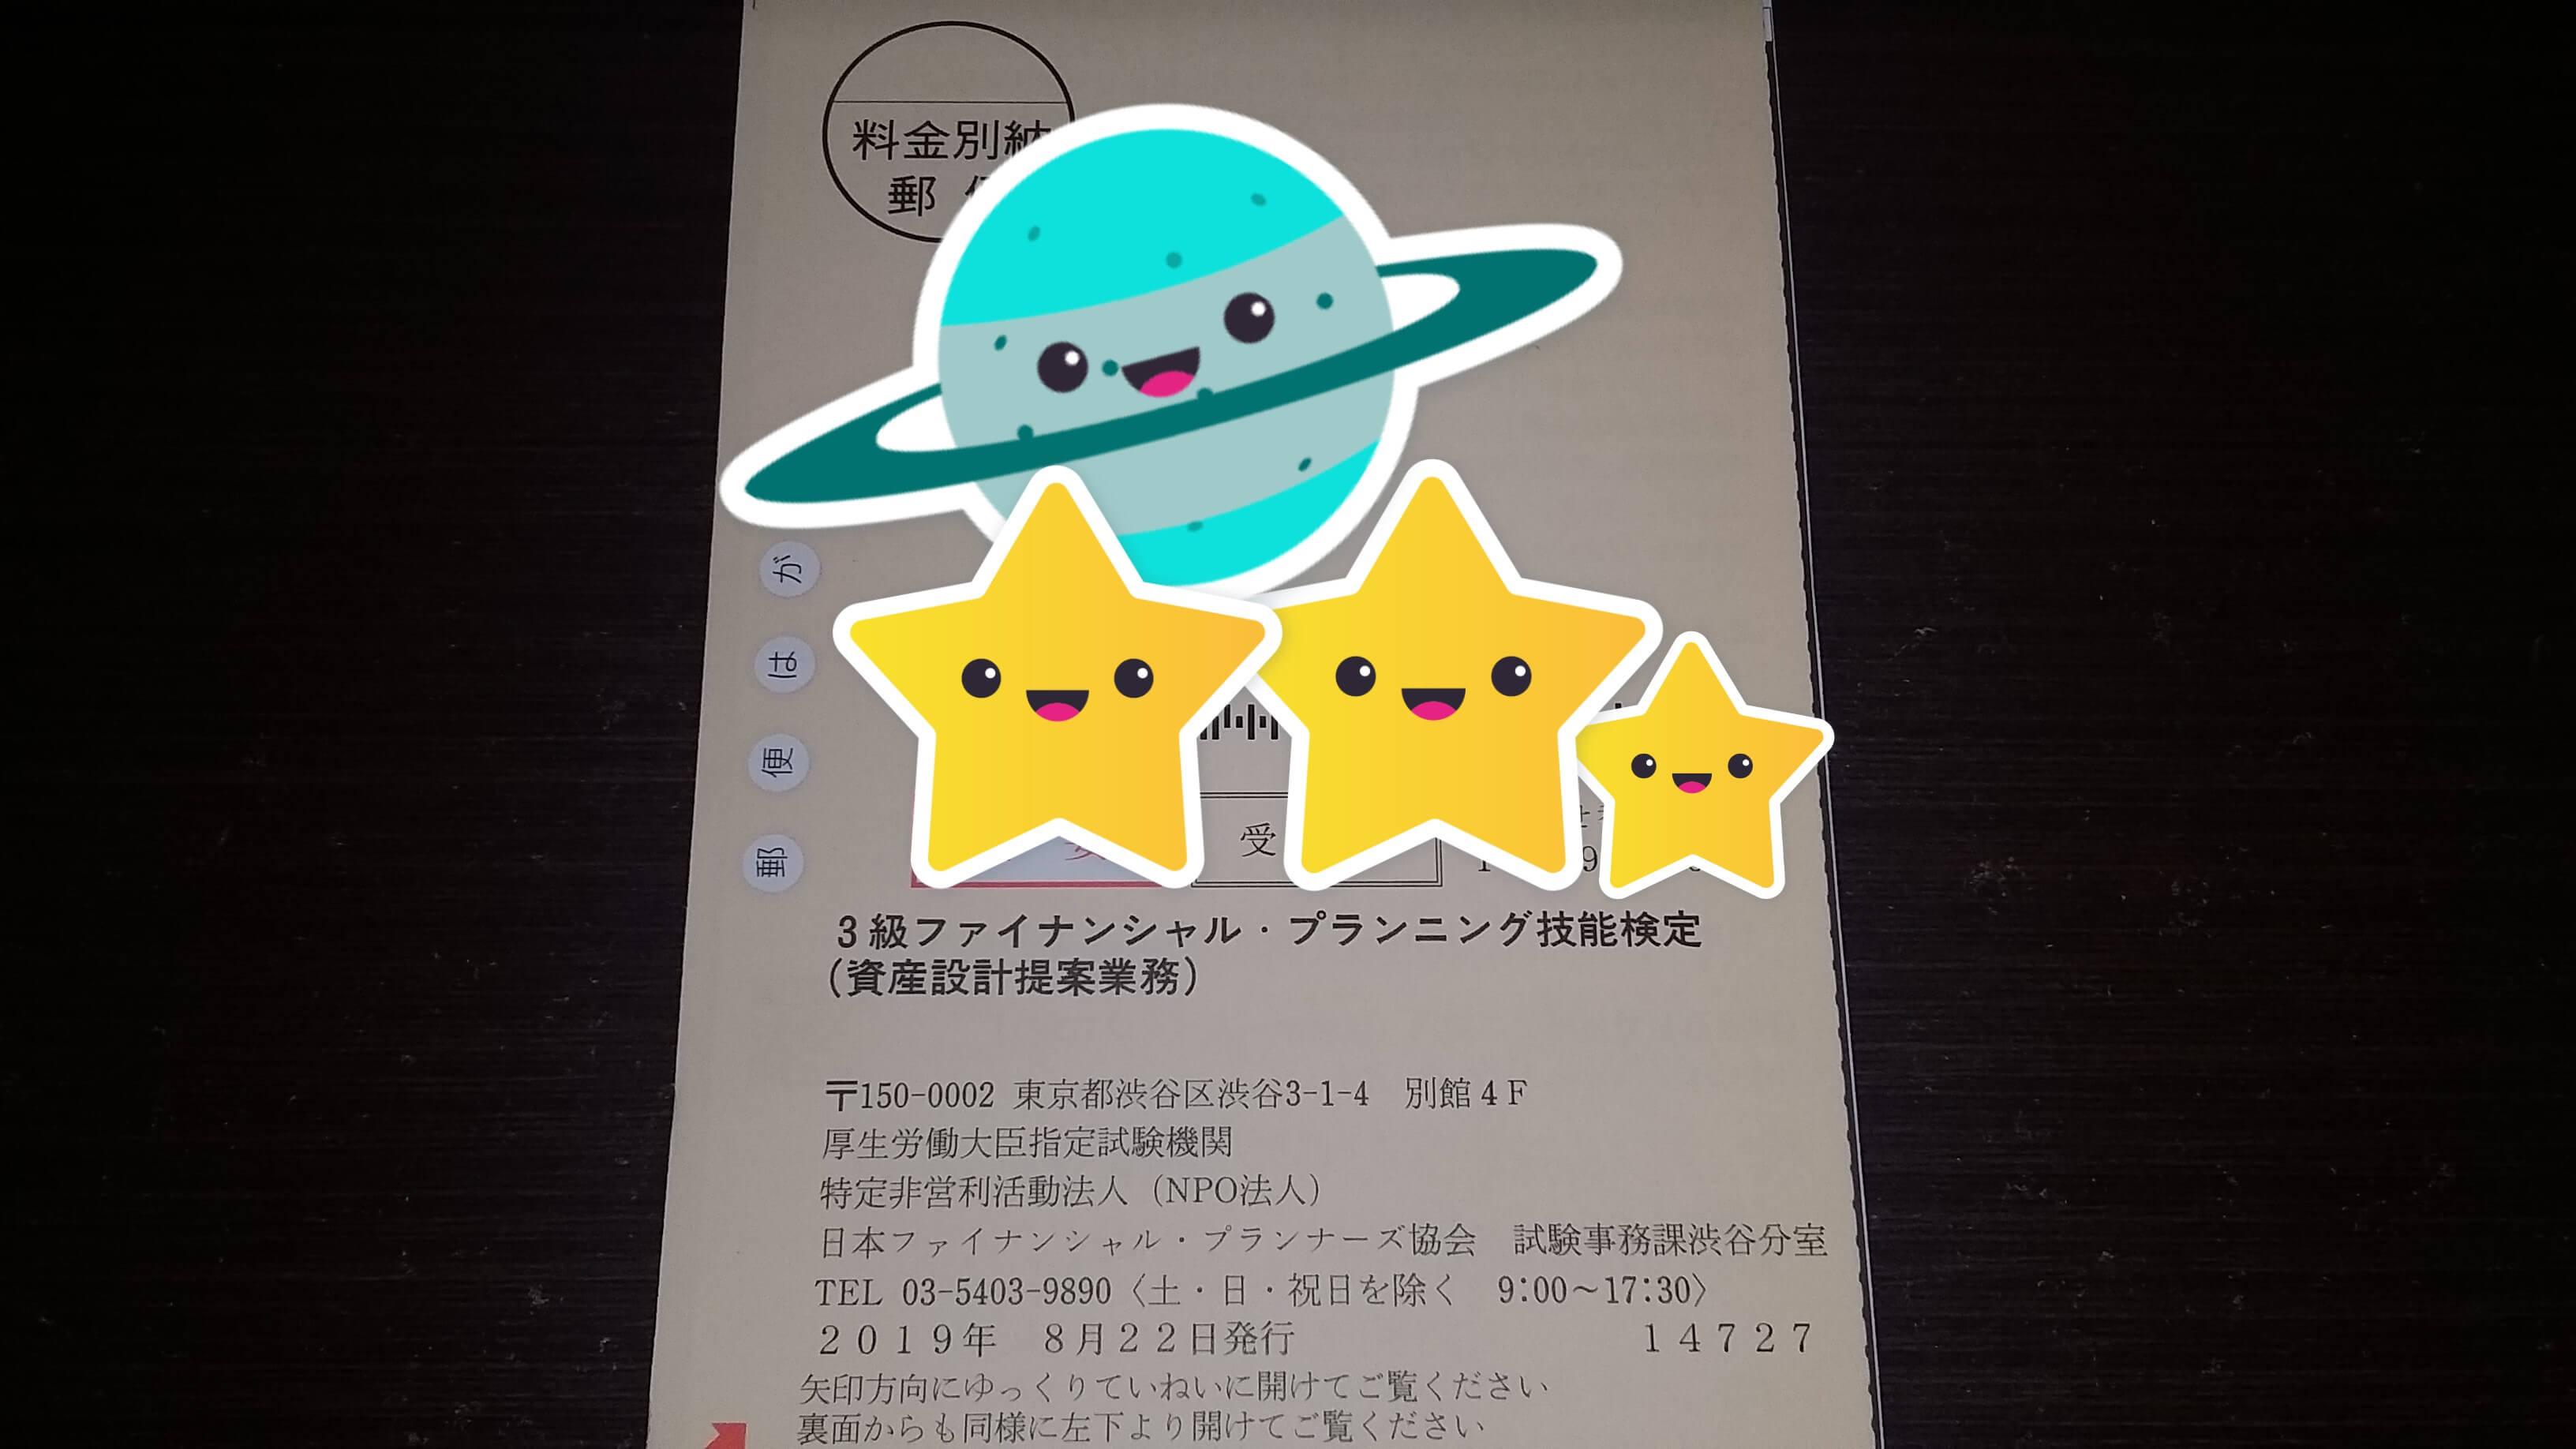 実技試験免除セミファイナル!【FP3級】の受験表が届きました!